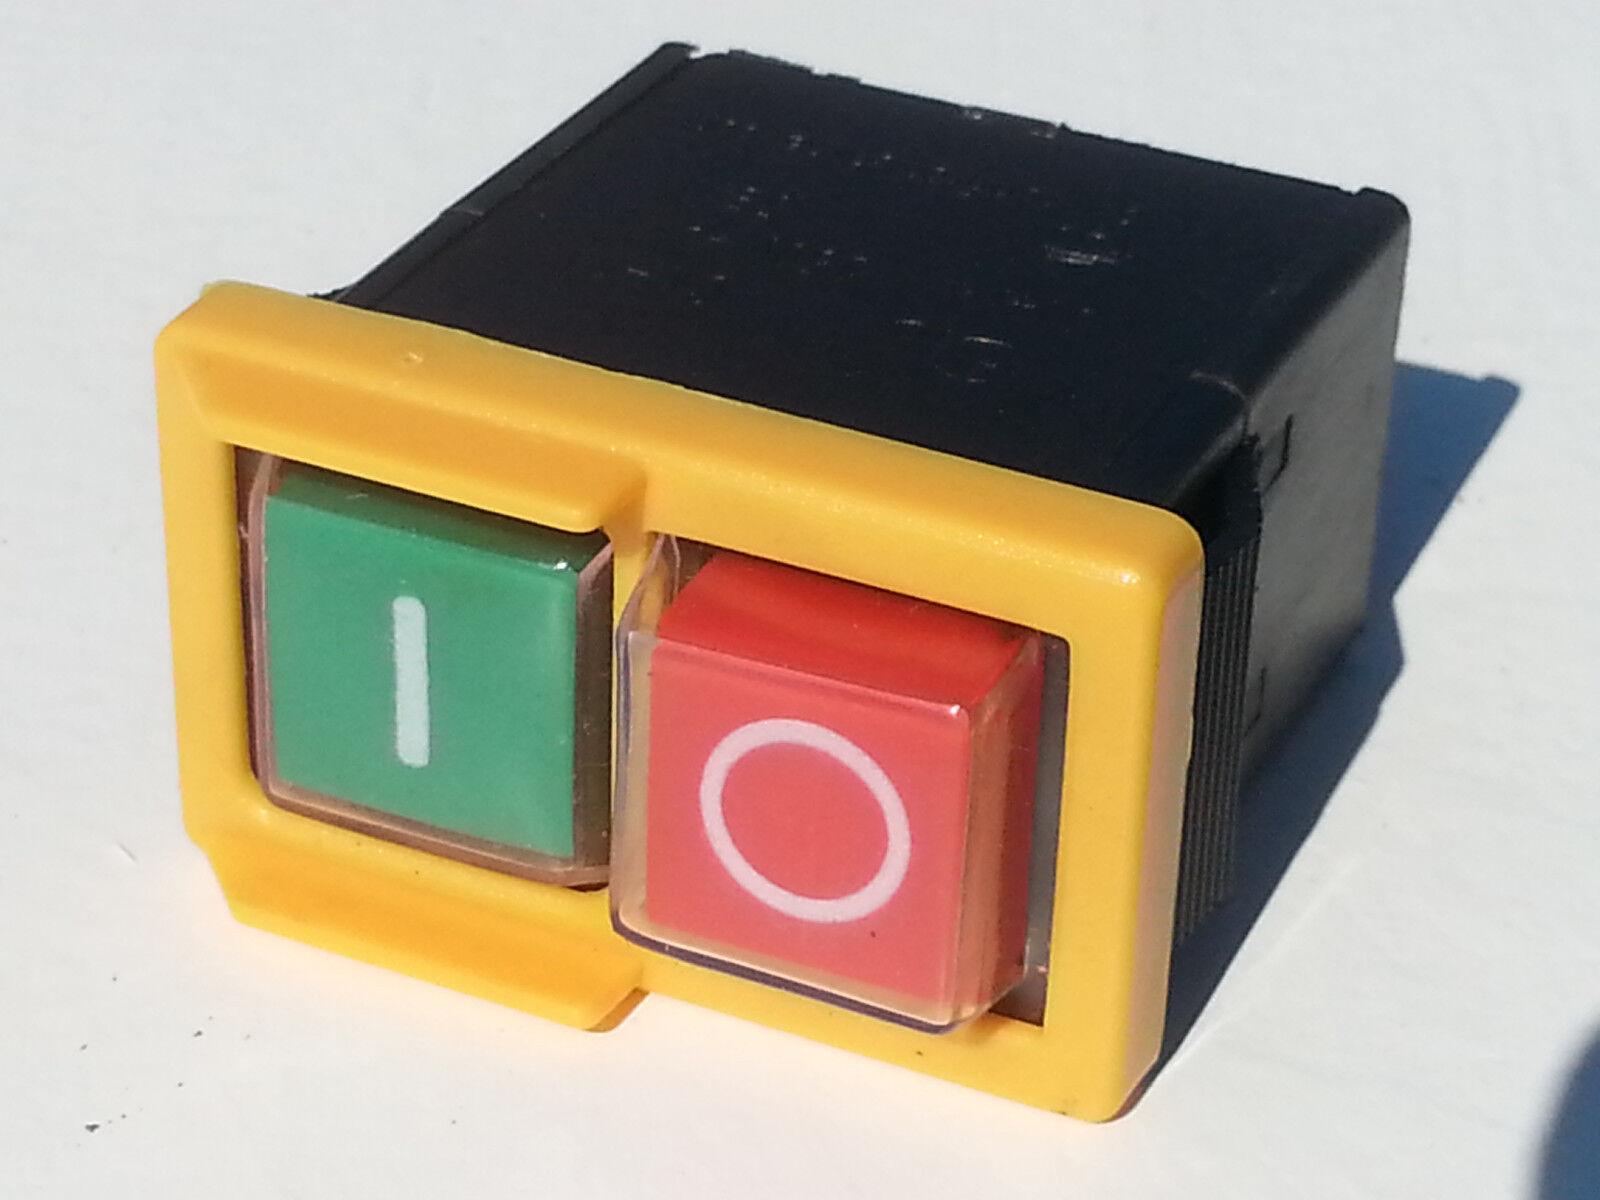 Schalter, Ersatzschalter passend für T.I.P. TS 8 Tischkreissäge mit 650 Watt